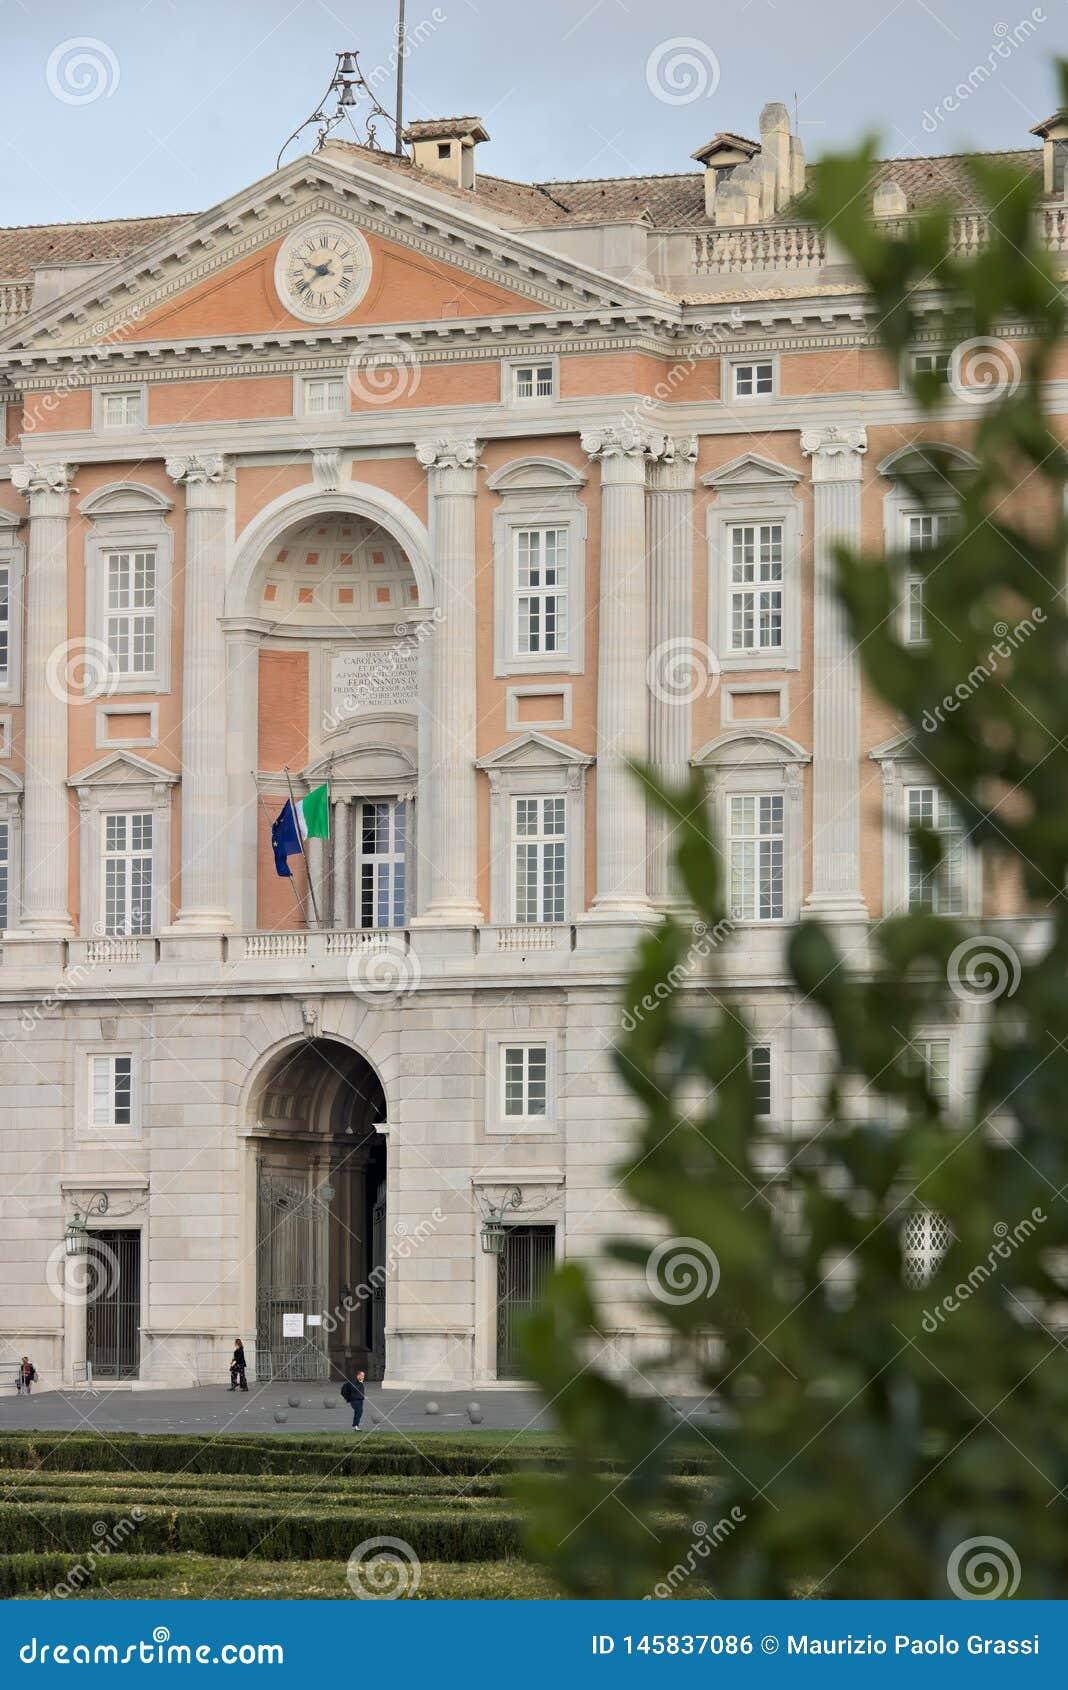 Caserta, Ιταλία 27/10/2018 Κύρια εξωτερική πρόσοψη της Royal Palace Caserta Ιταλία Σχεδιασμένος από τον αρχιτέκτονα Luigi